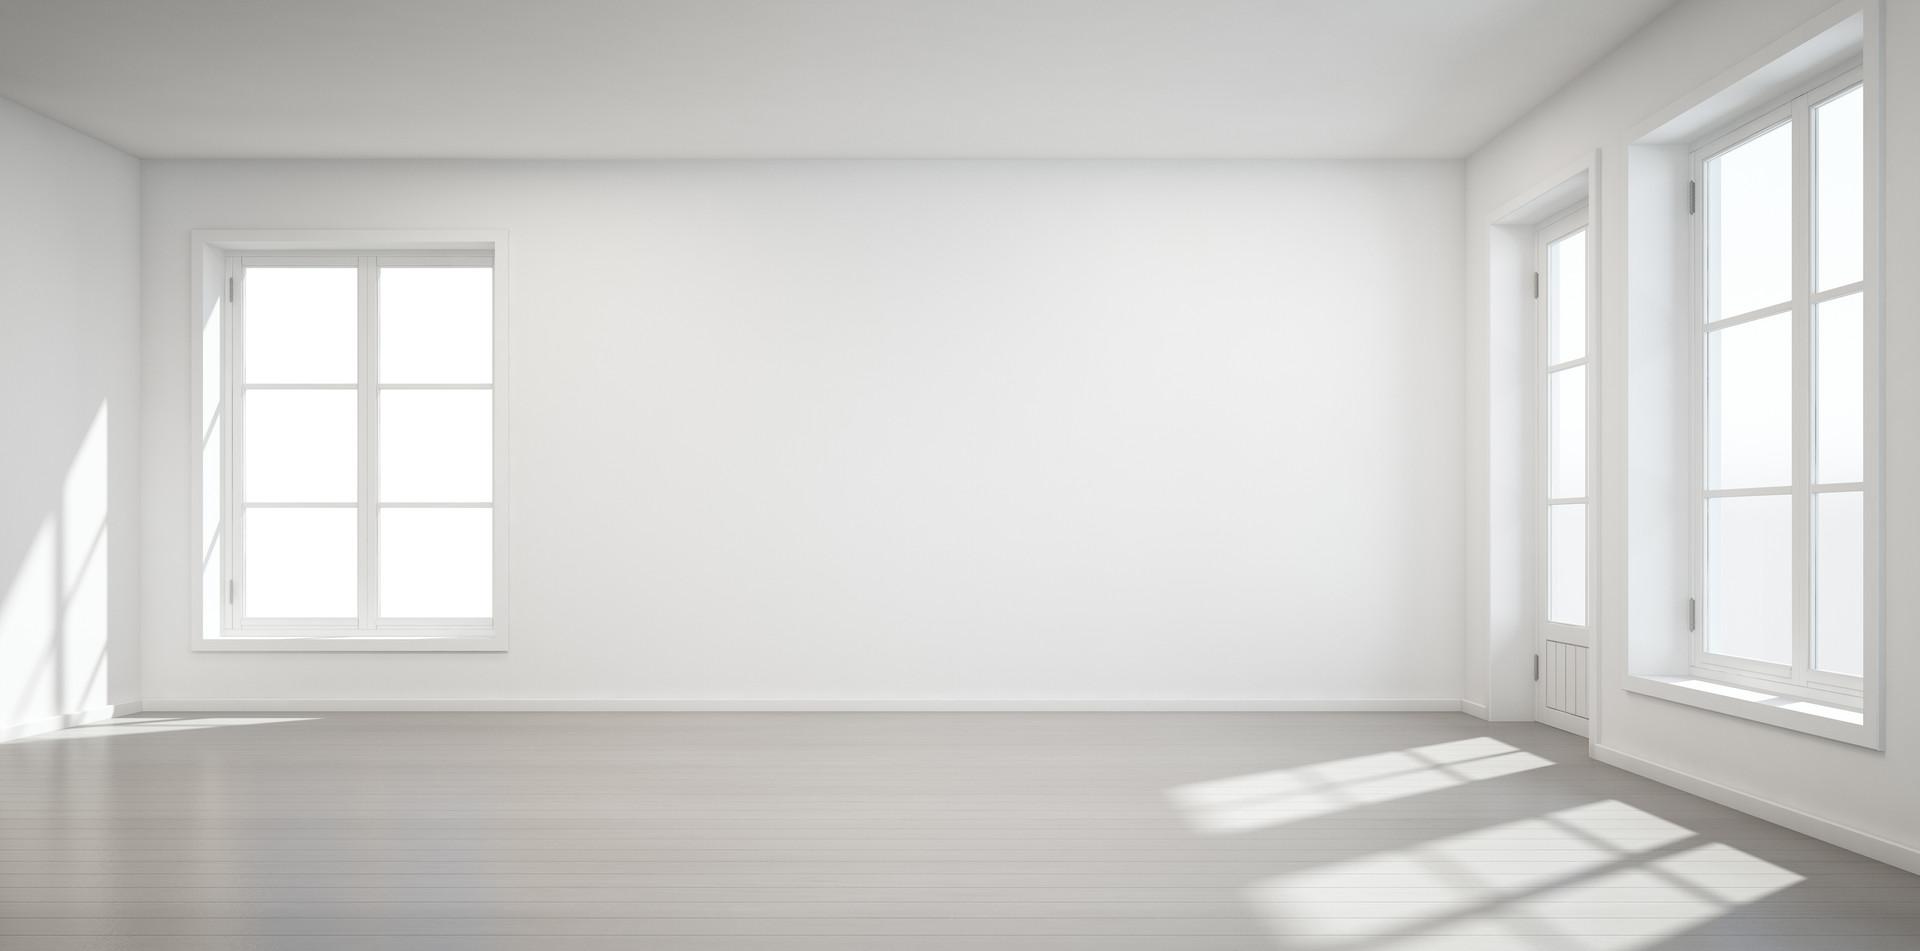 Bedroom_Empty.jpg